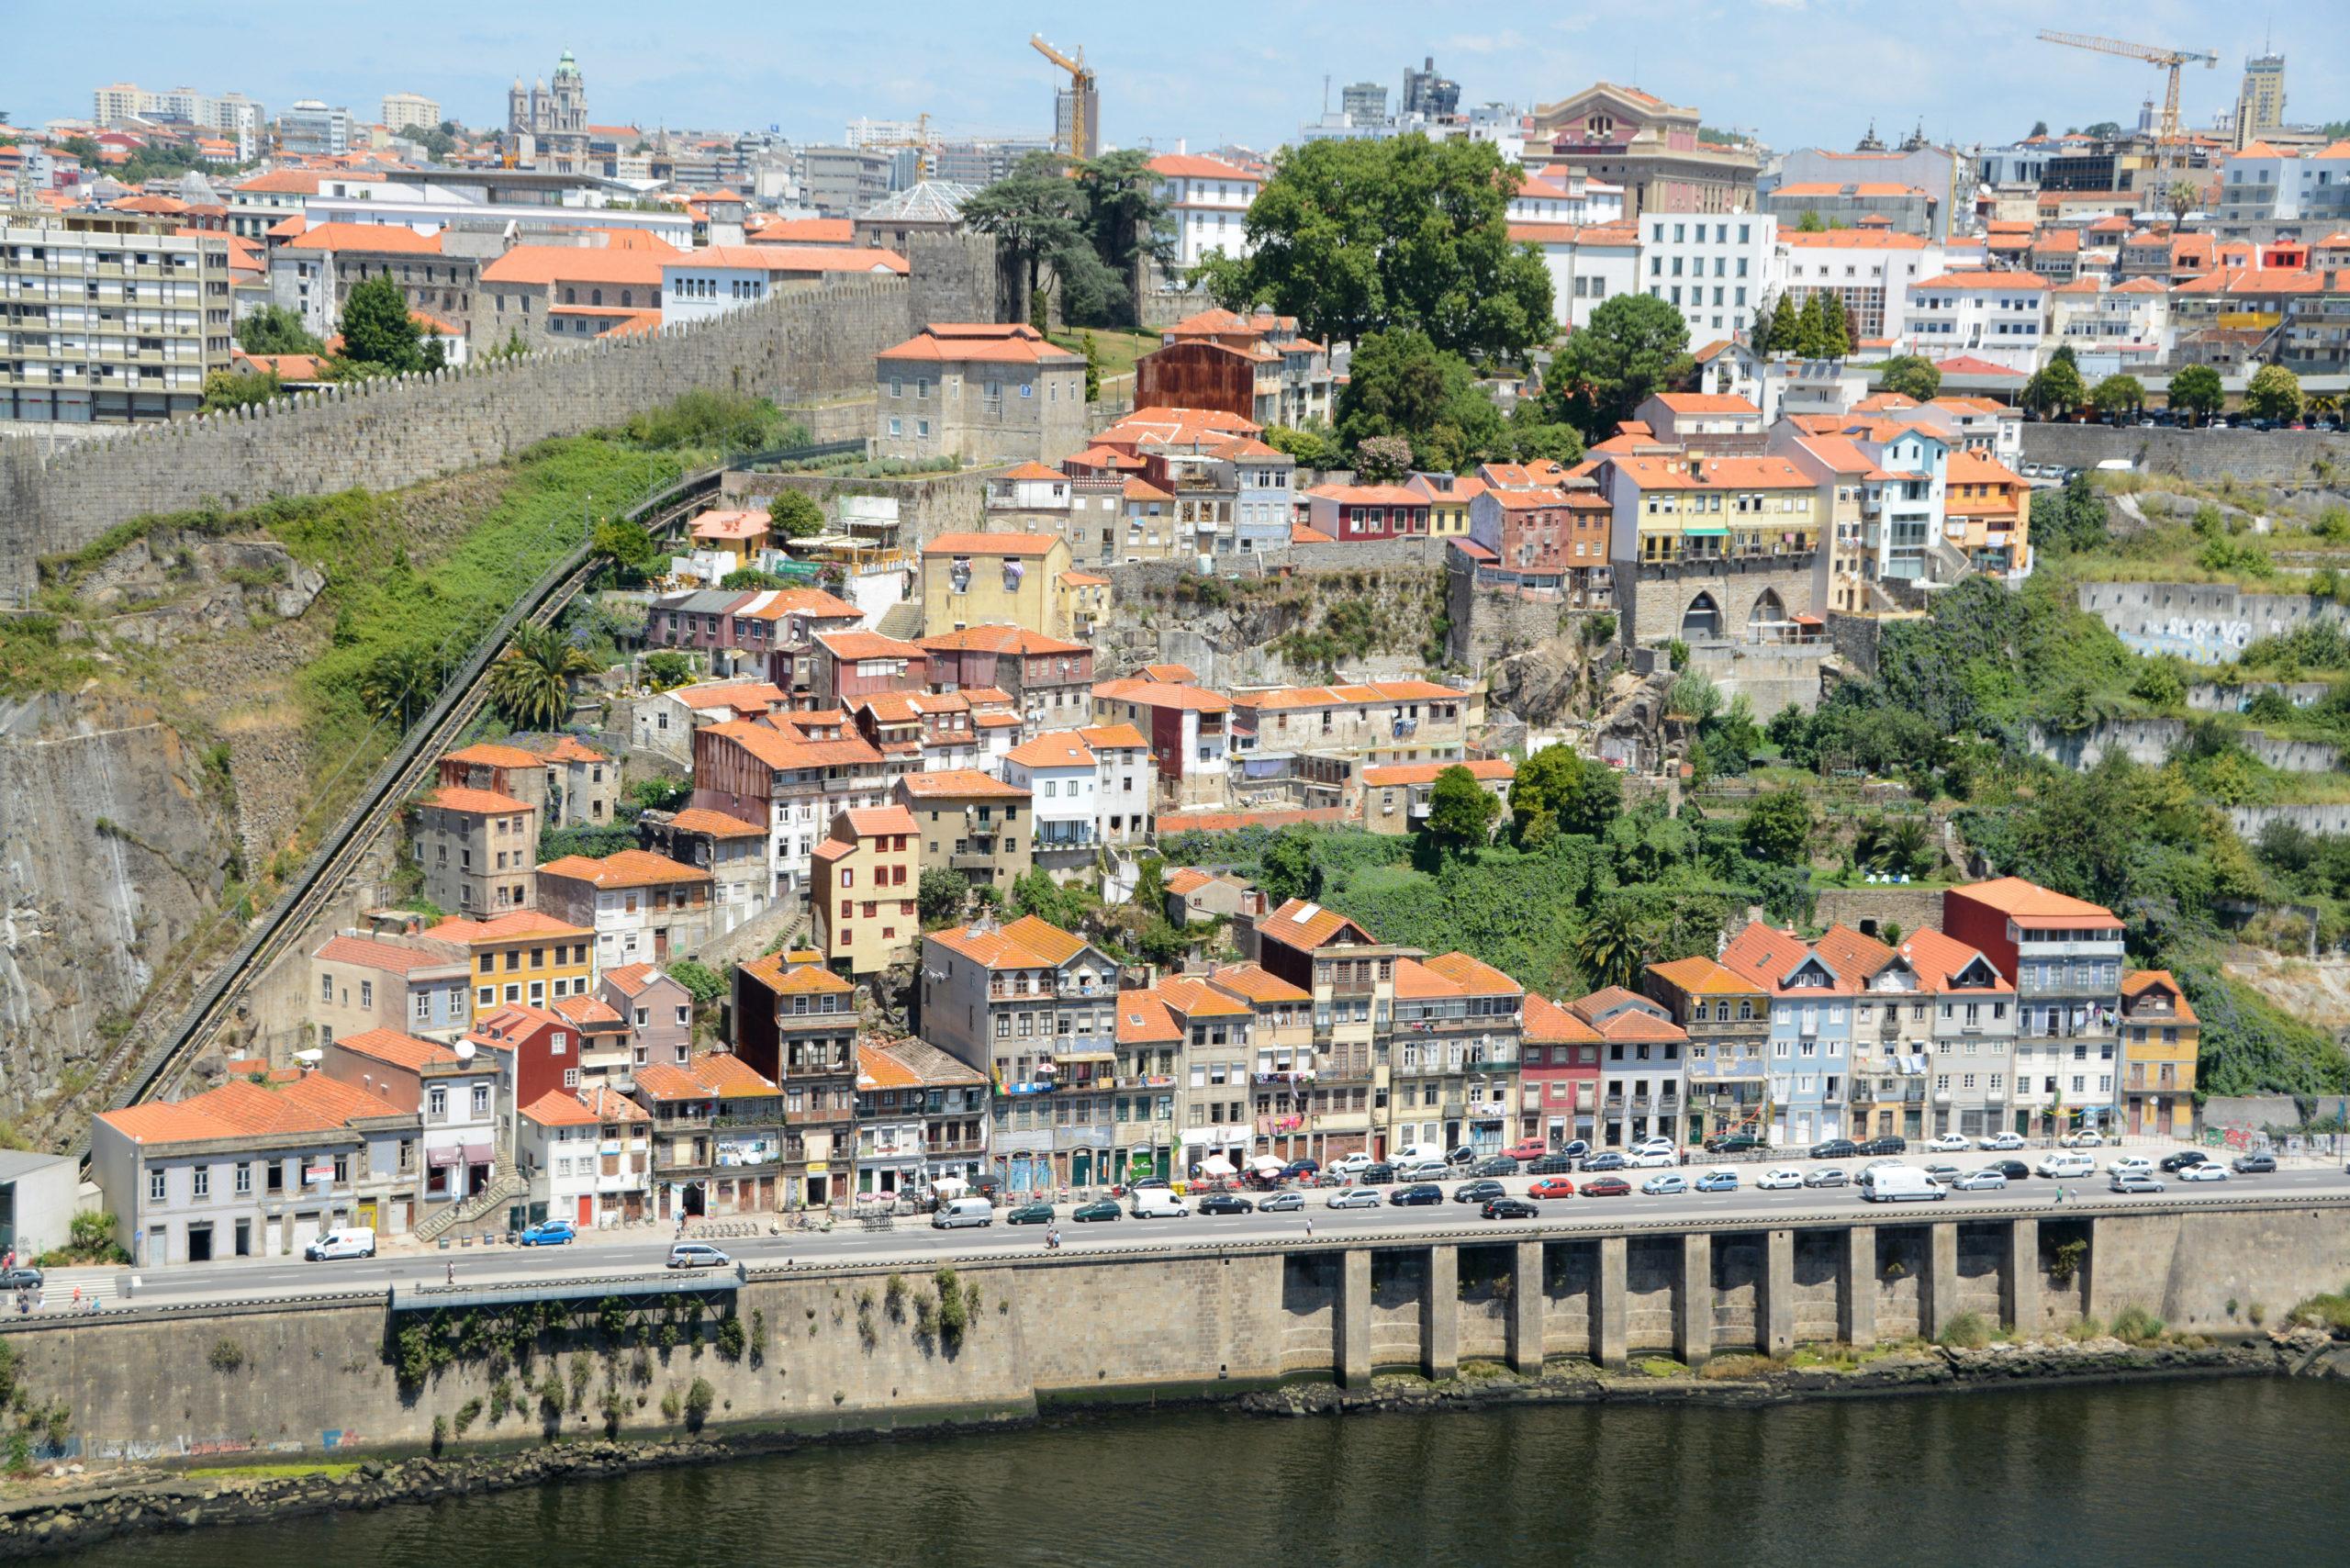 Blick auf das Viertel Guindais in Porto vom Kloster